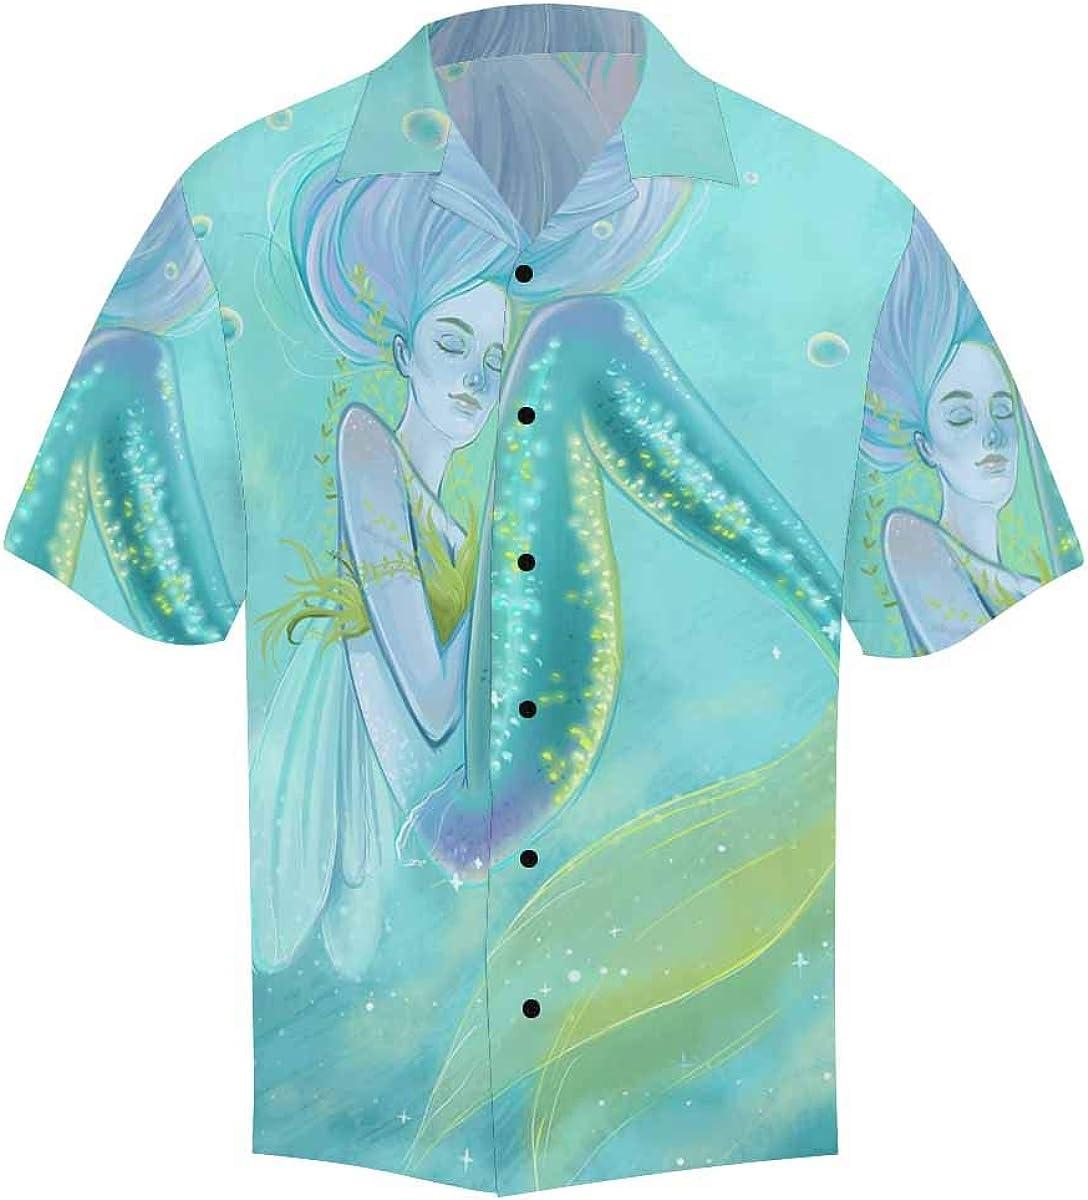 InterestPrint Men's Casual Button Down Short Sleeve Hawaiian Shirt Bunny Rabbit (S-5XL)